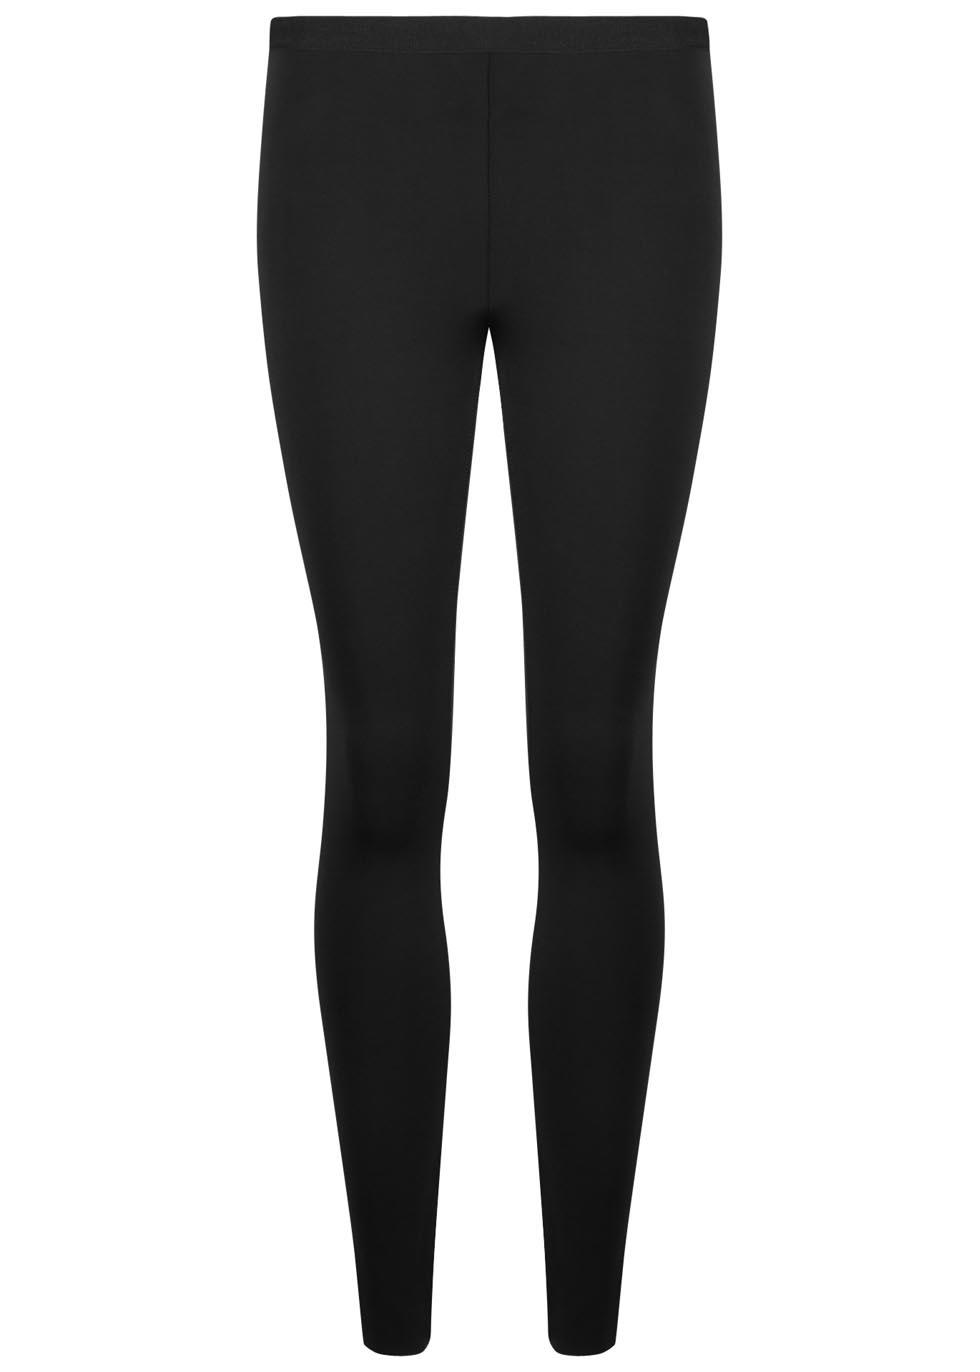 Black neoprene leggings - Helmut Lang